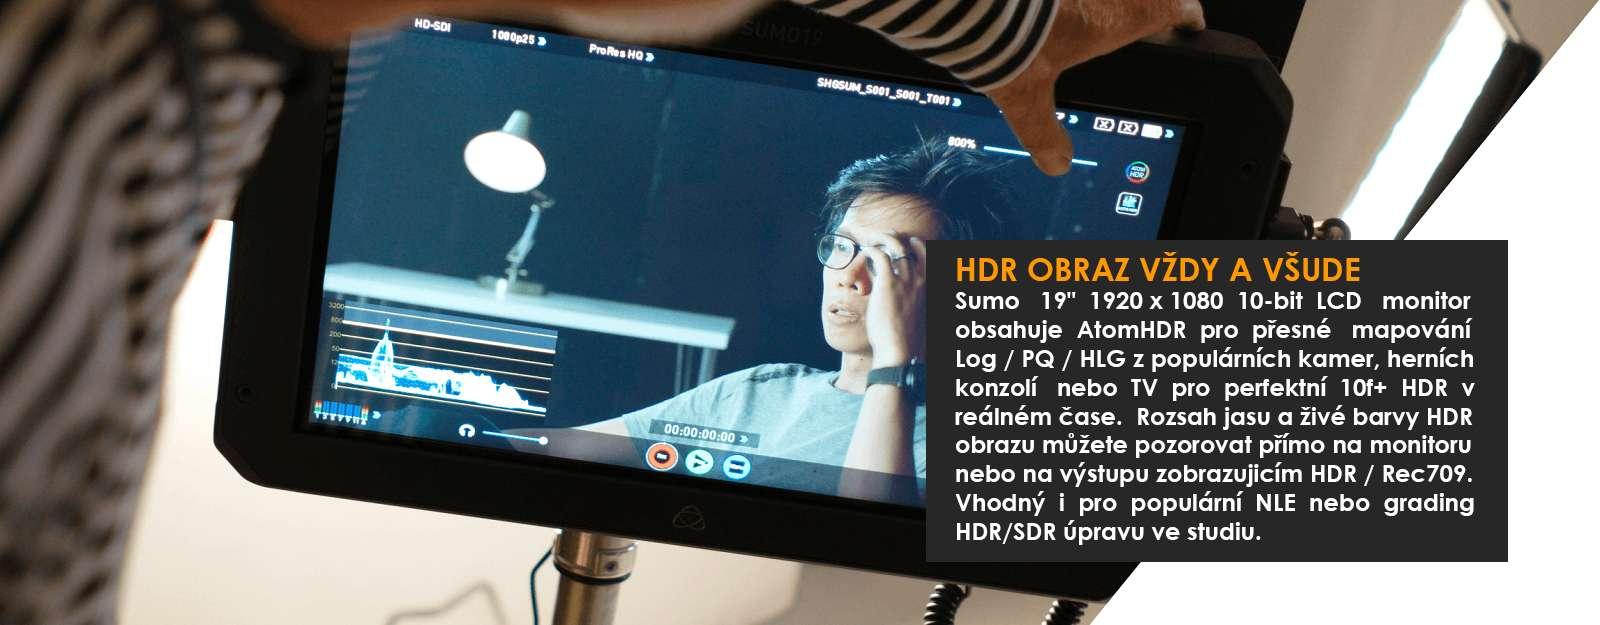 film-technika-atomos-sumo-08-intext